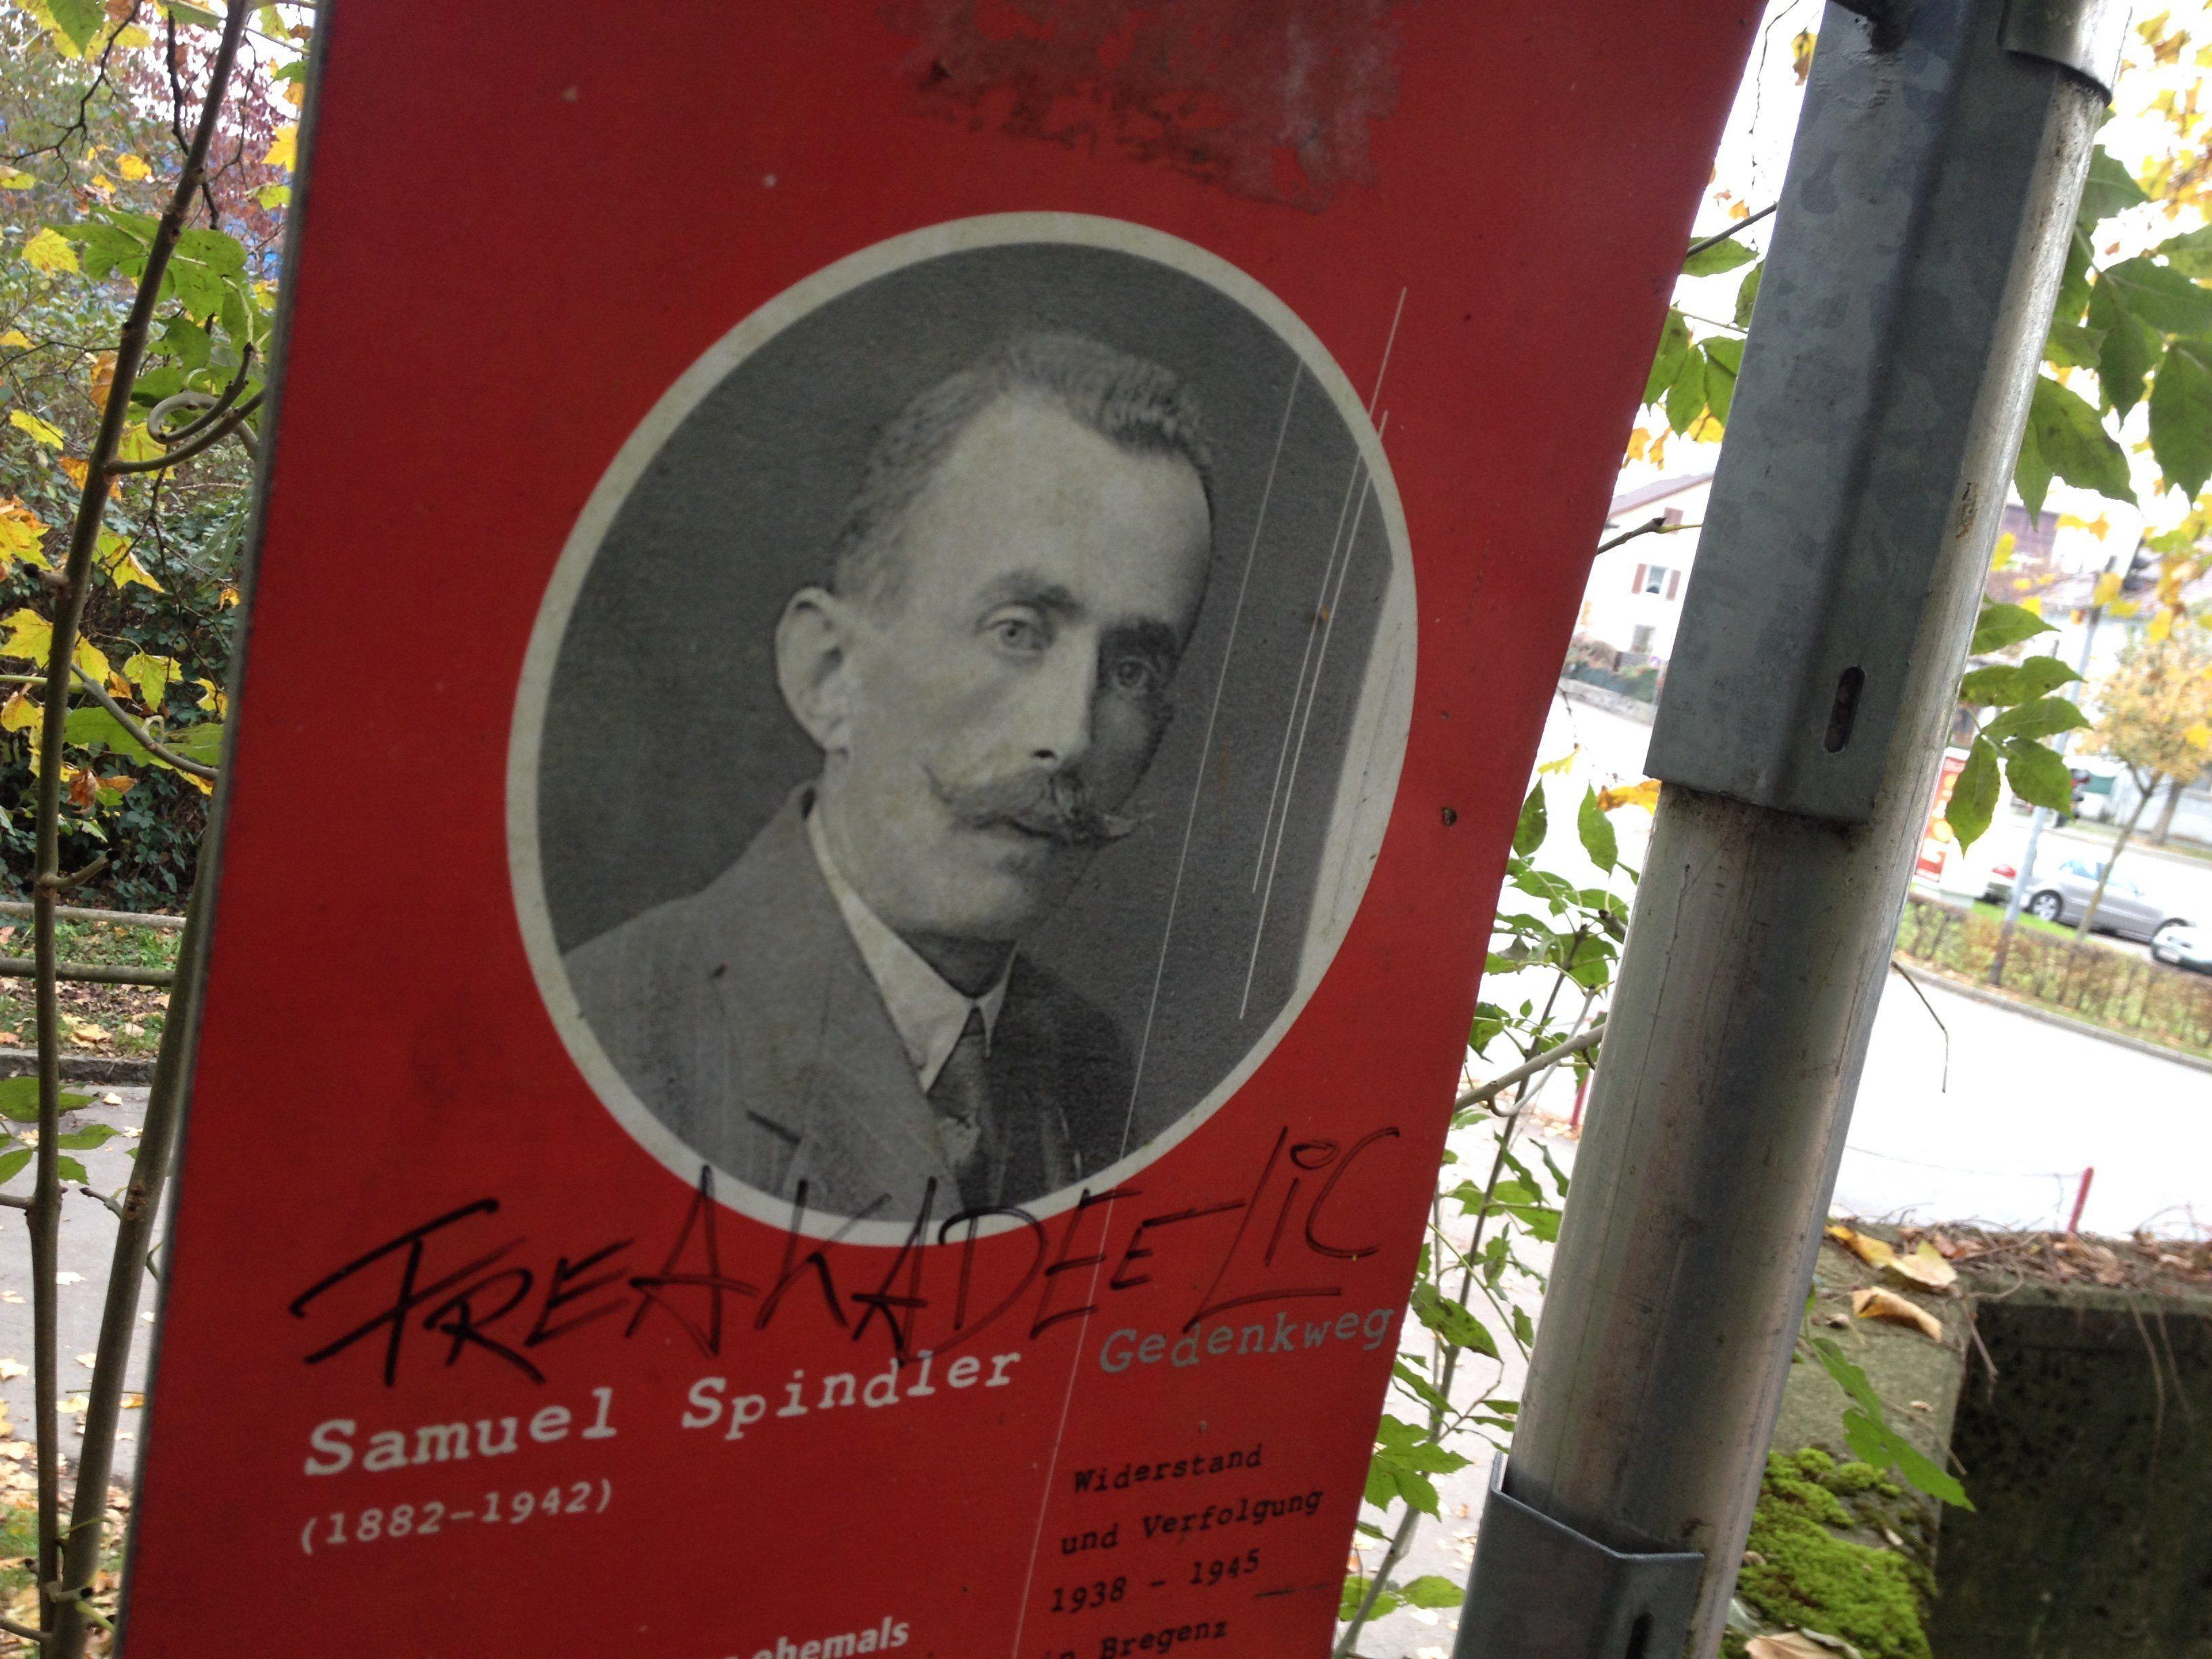 Der Bregenzer Samuel Spindler (1882 . 1942) wurde von den Nazis verfolgt und in den Tod getrieben.